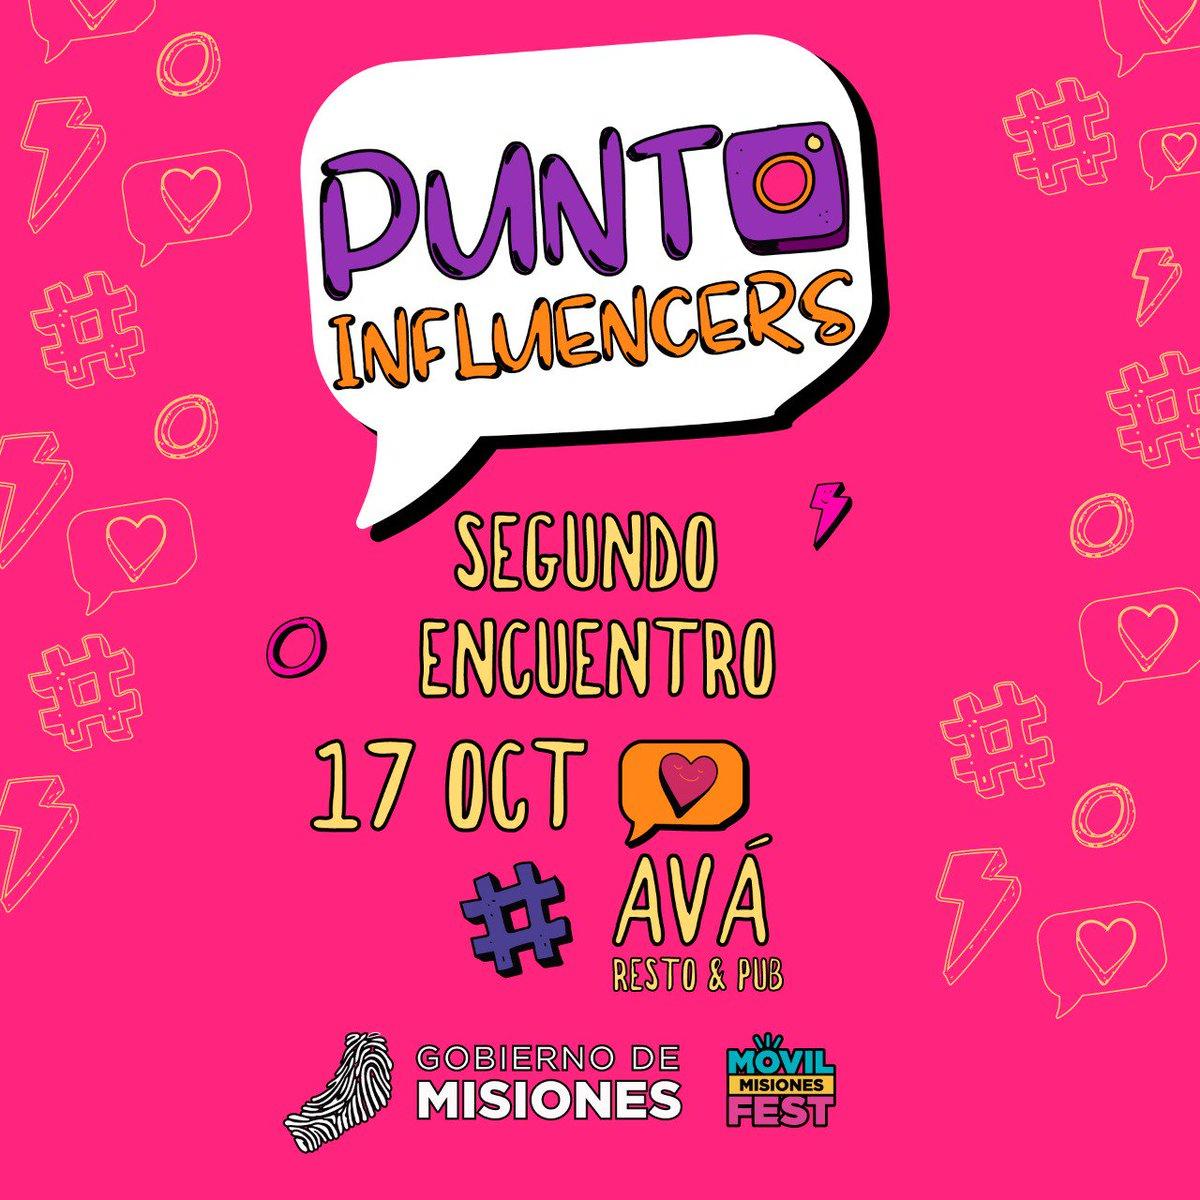 Te contamos que ya estamos preparando  el segundo encuentro #PuntoInfluencer. ¡Si querés saber cómo convertirte en un instagramers esta es tu oportunidad!  ¡Te esperamos el próximo 17  de octubre. #influencer #instagramers #posadasmisionesargentina #PuntoInfluencerpic.twitter.com/fPMJz6j0Ti